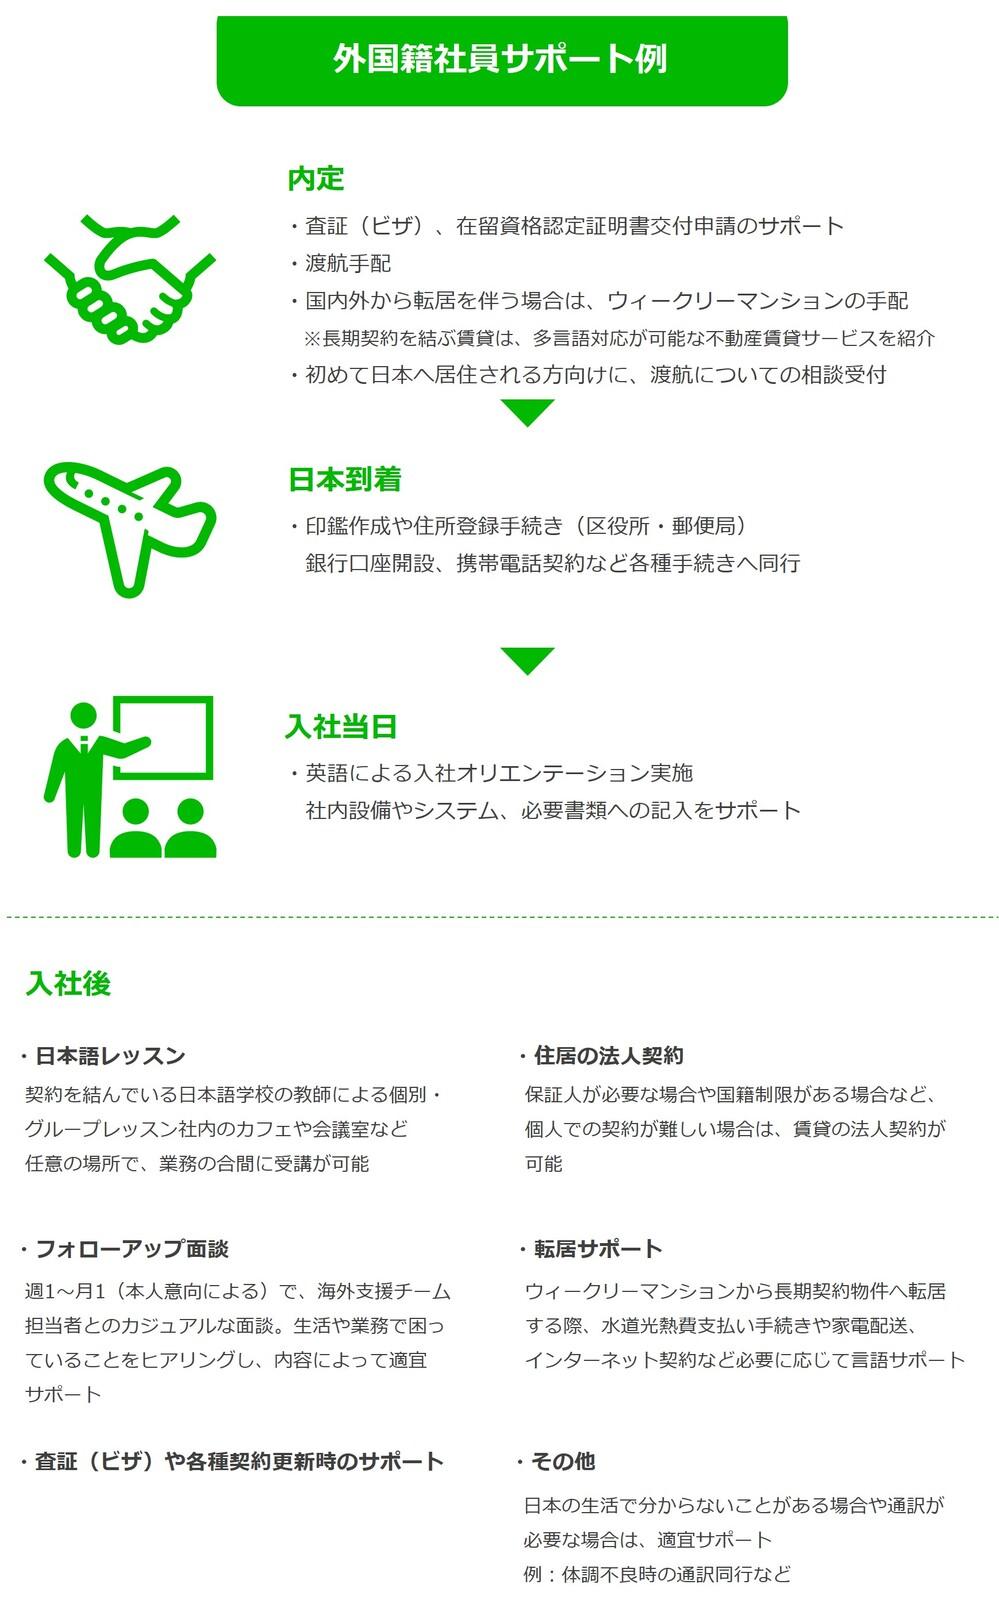 外国籍社員サポート図